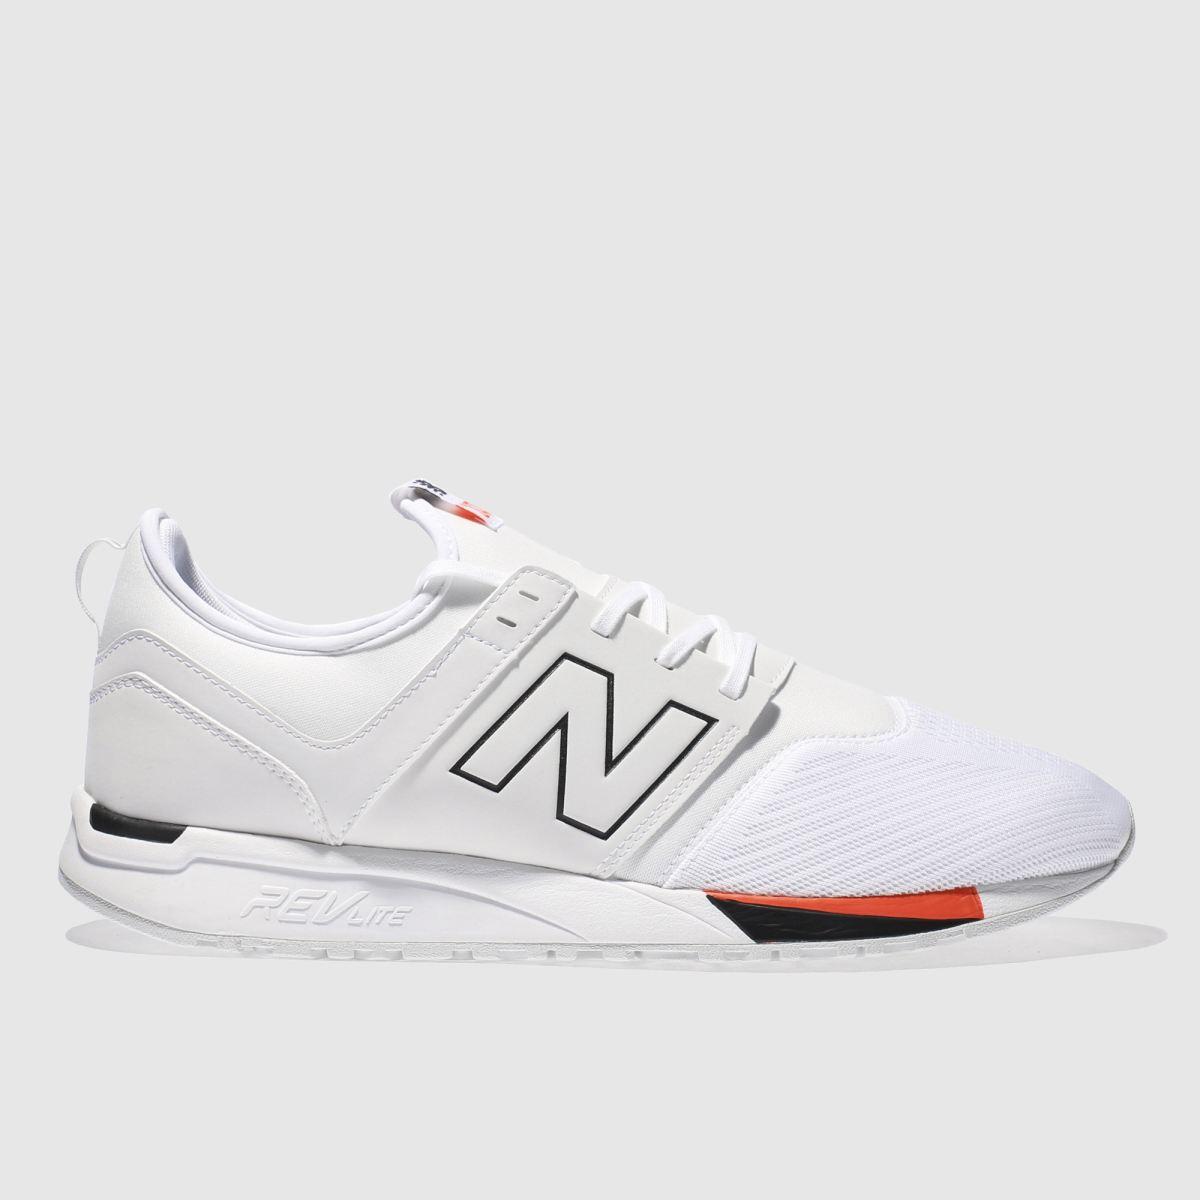 new balance white 247 trainers